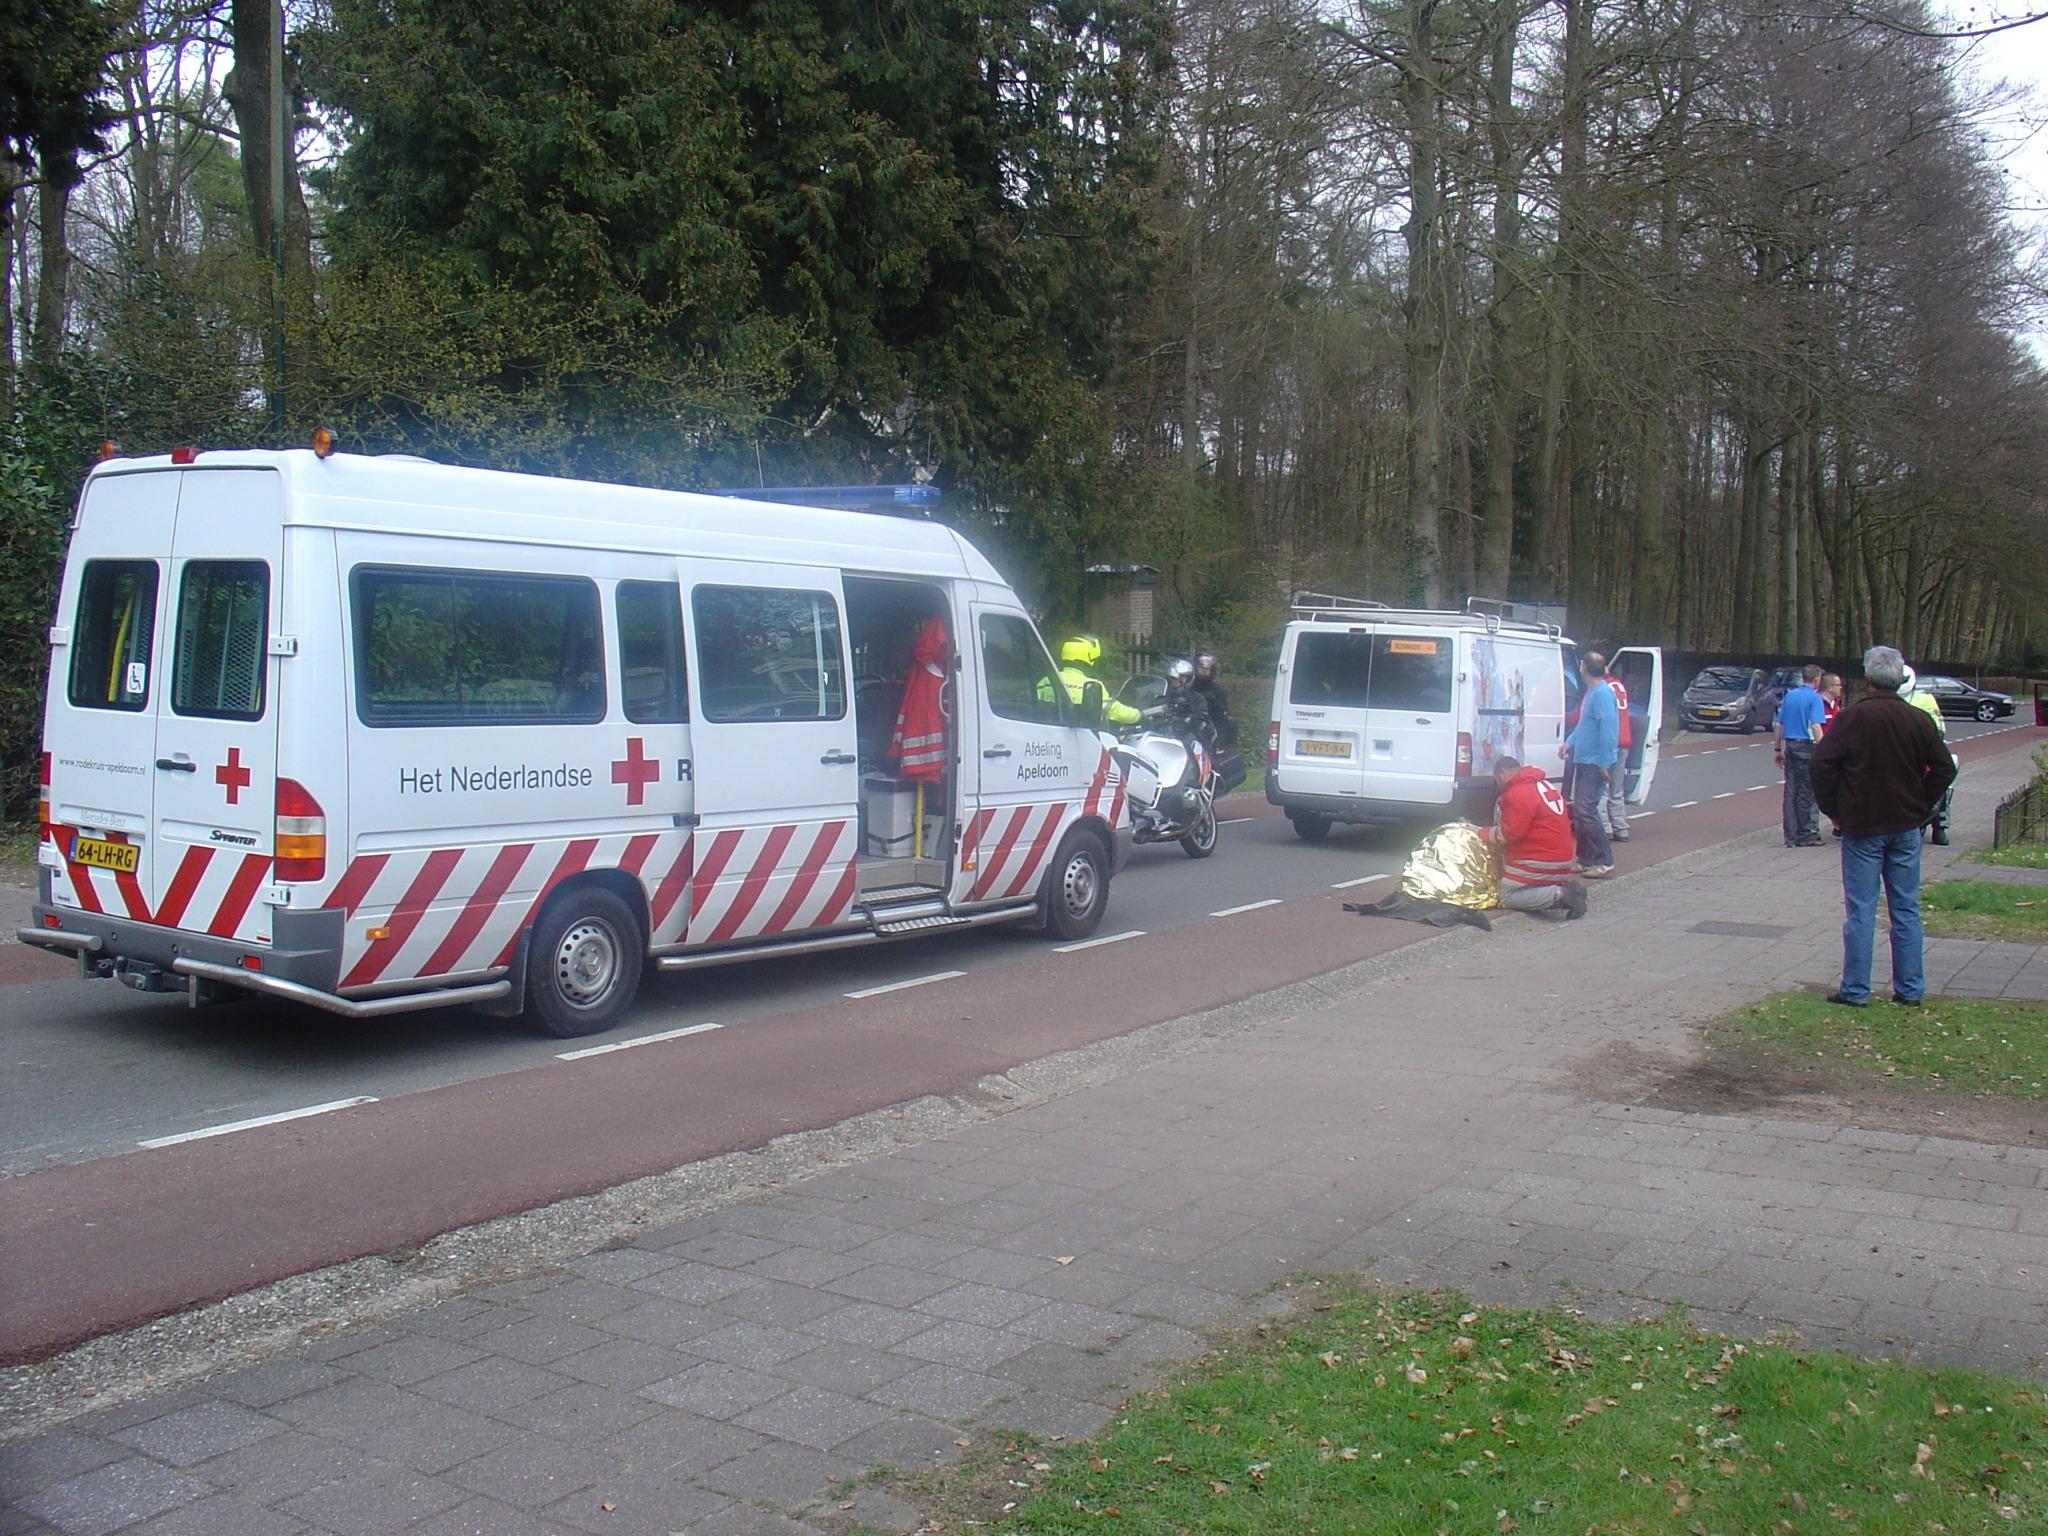 Ronde van Gelderland grote valpartij Kerklaan #Rozendaal twee #coureurs gewond uit #koers http://t.co/G5Lfwqwy